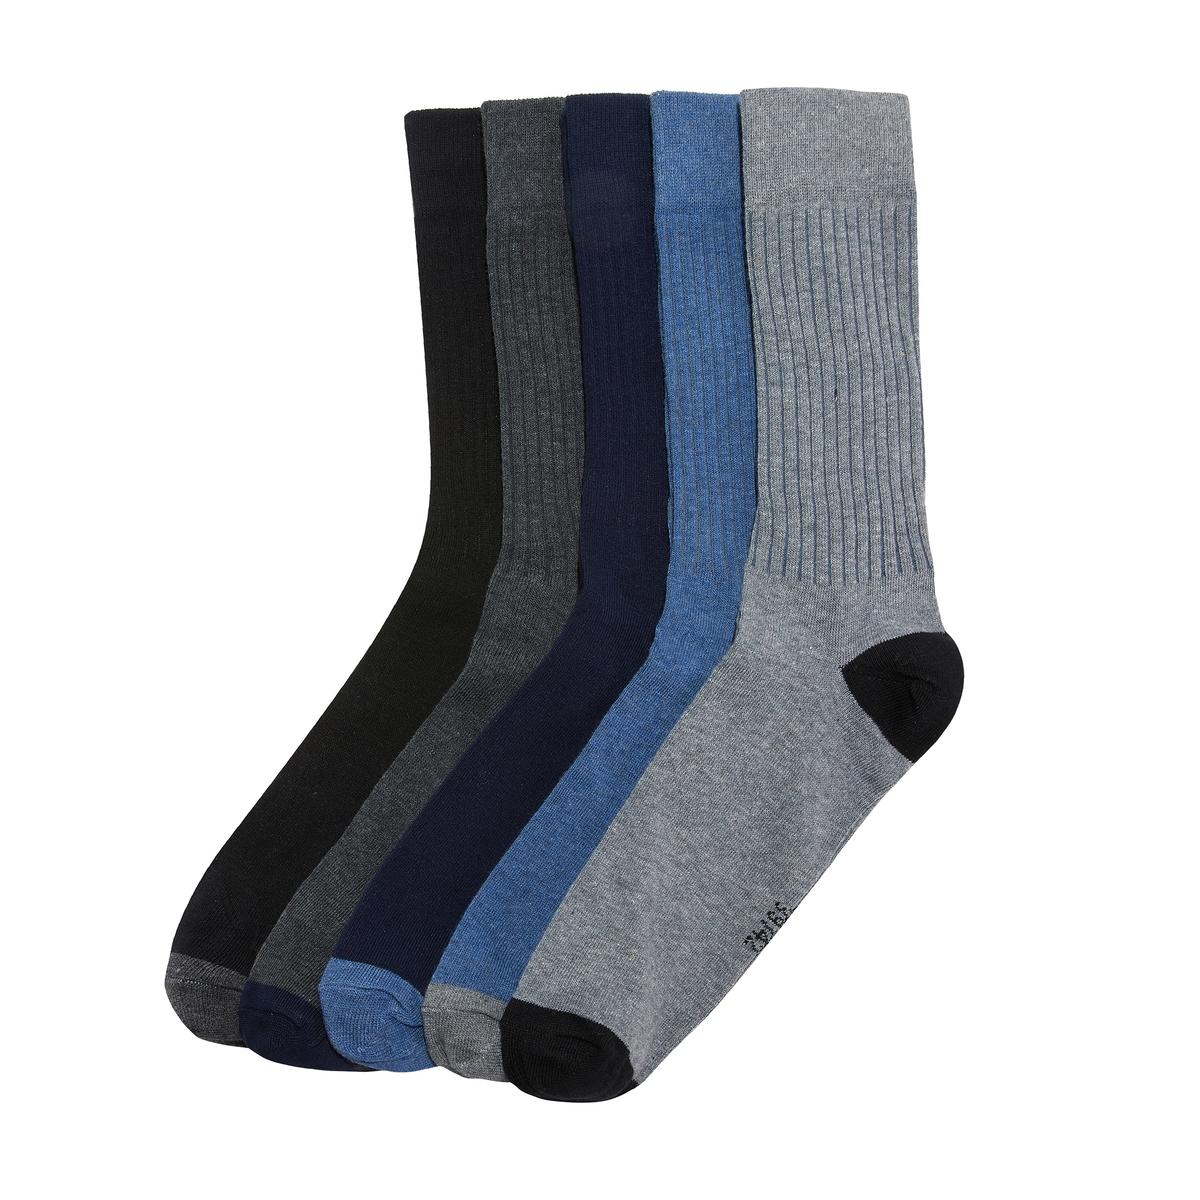 Комплект из 5 пар однотонных носков 5 пар низких носков